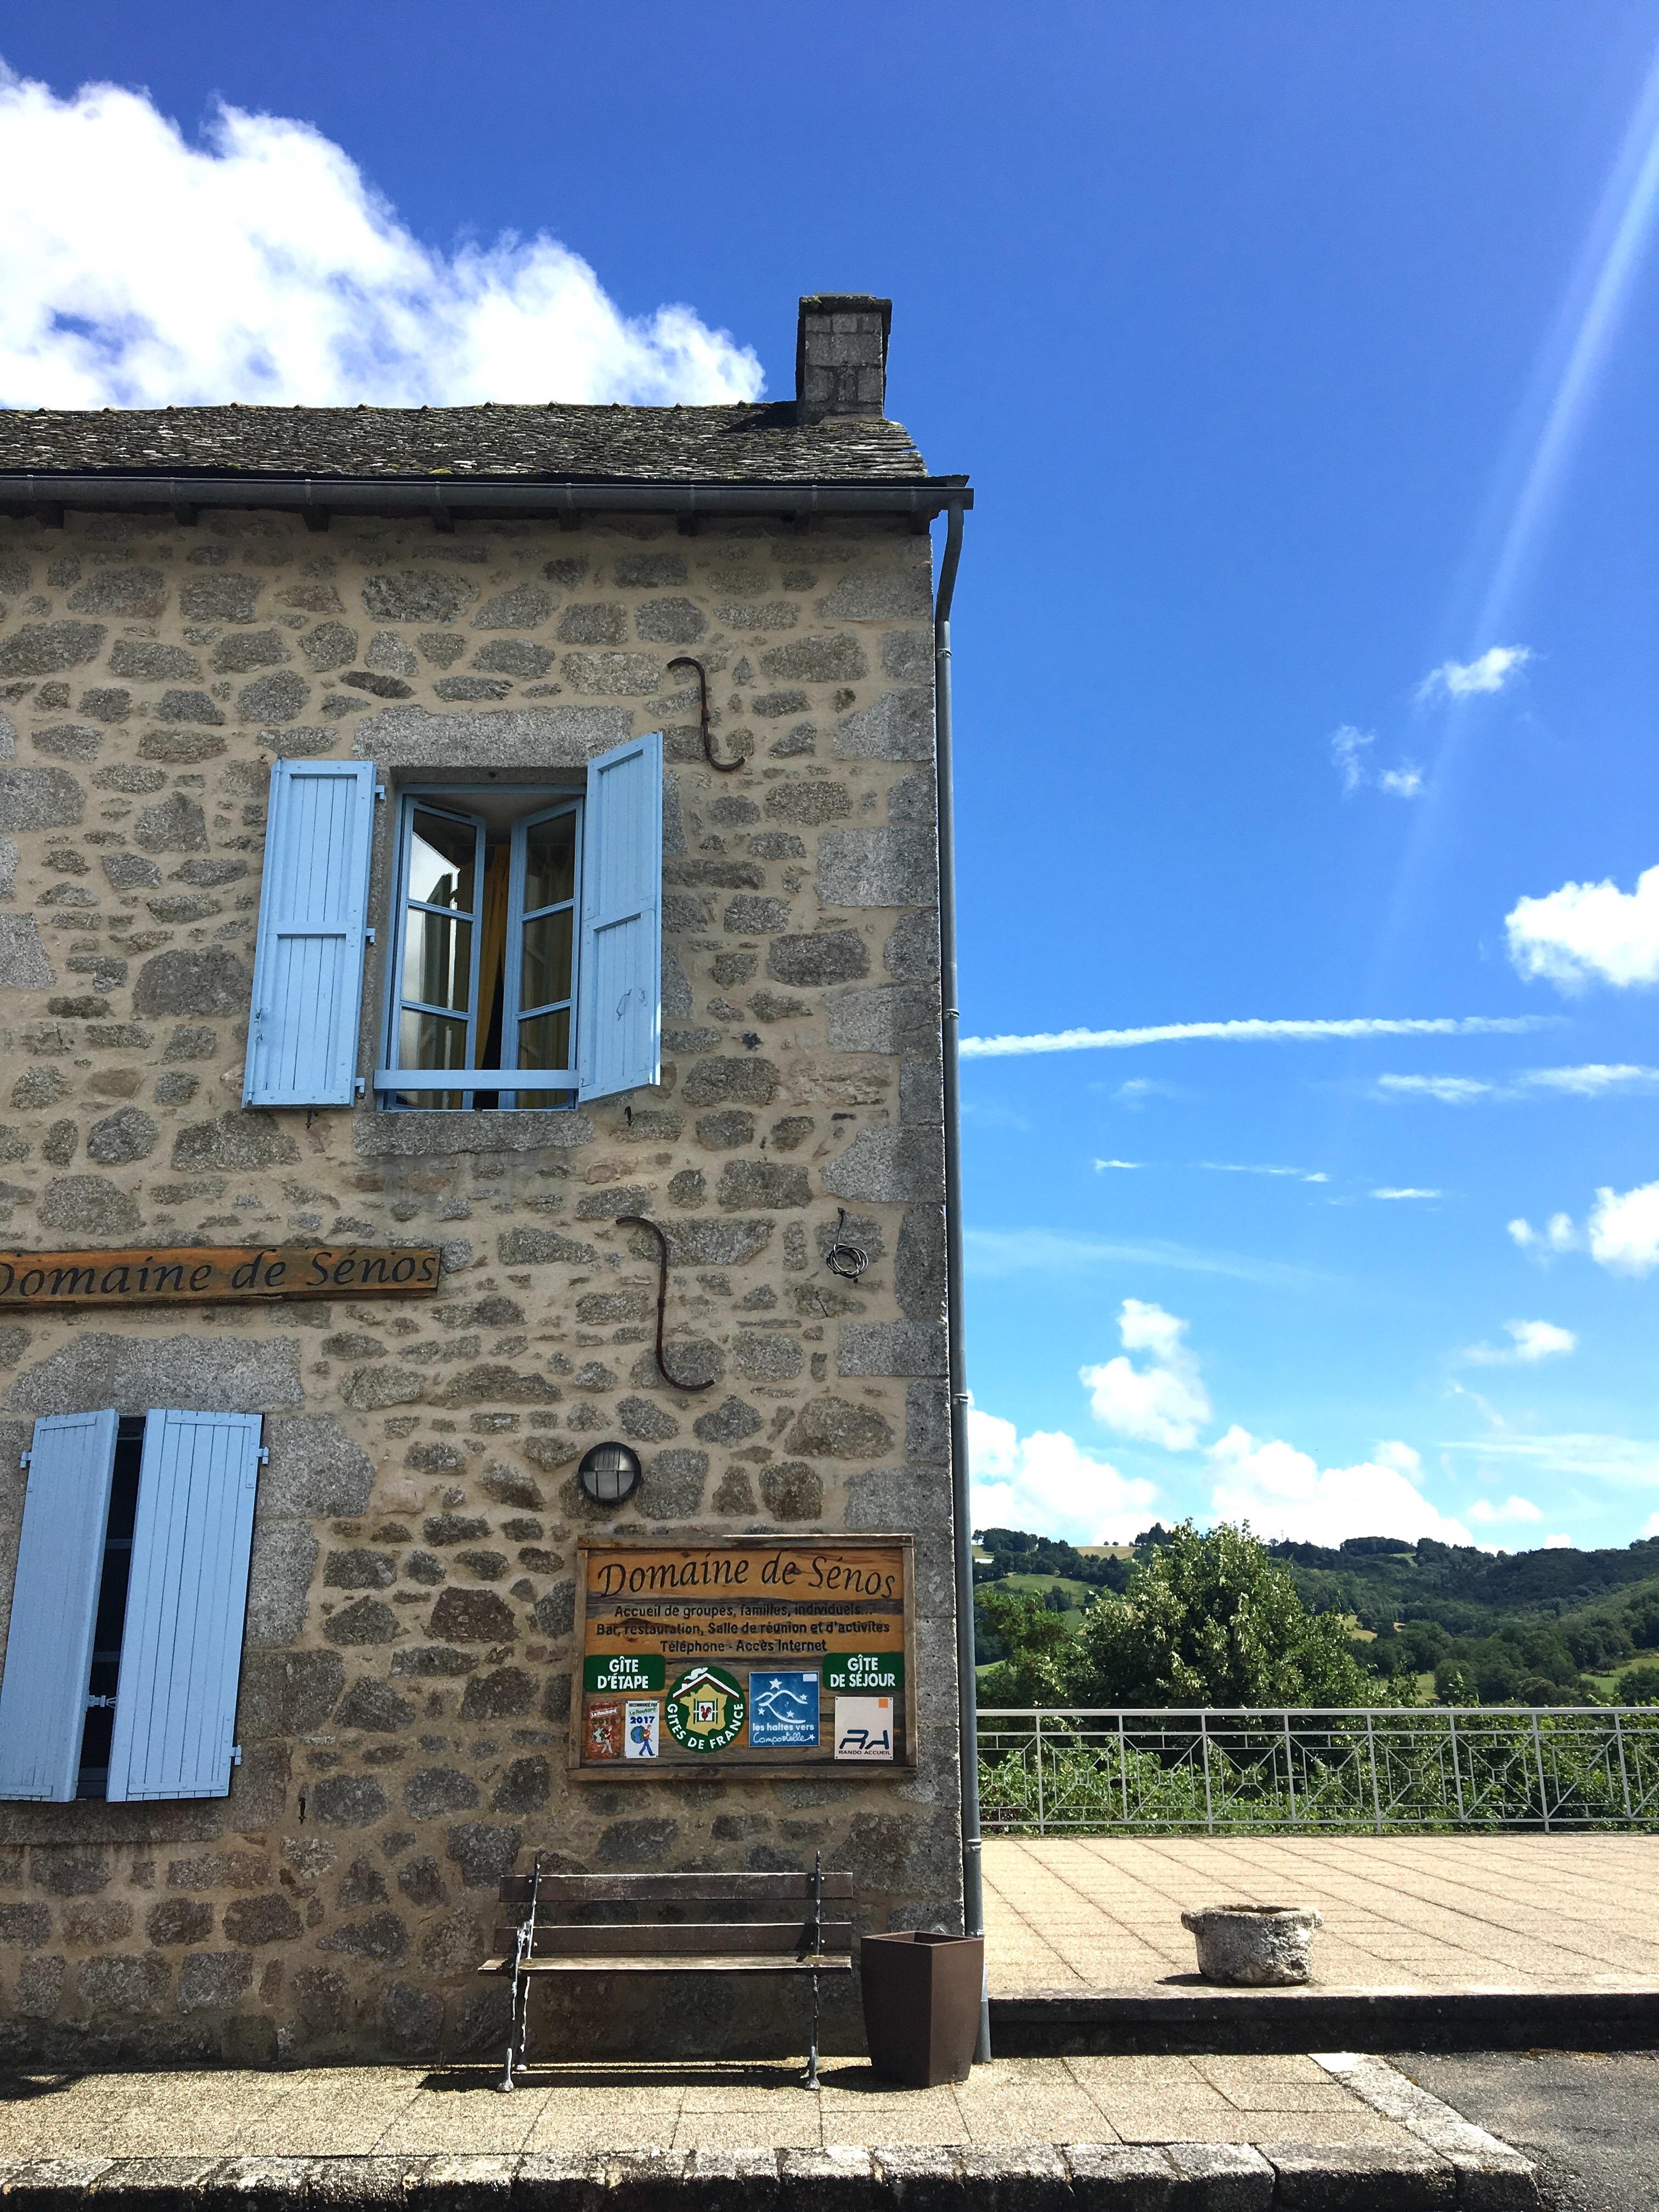 Domaine de Senos, Chemin du Puy